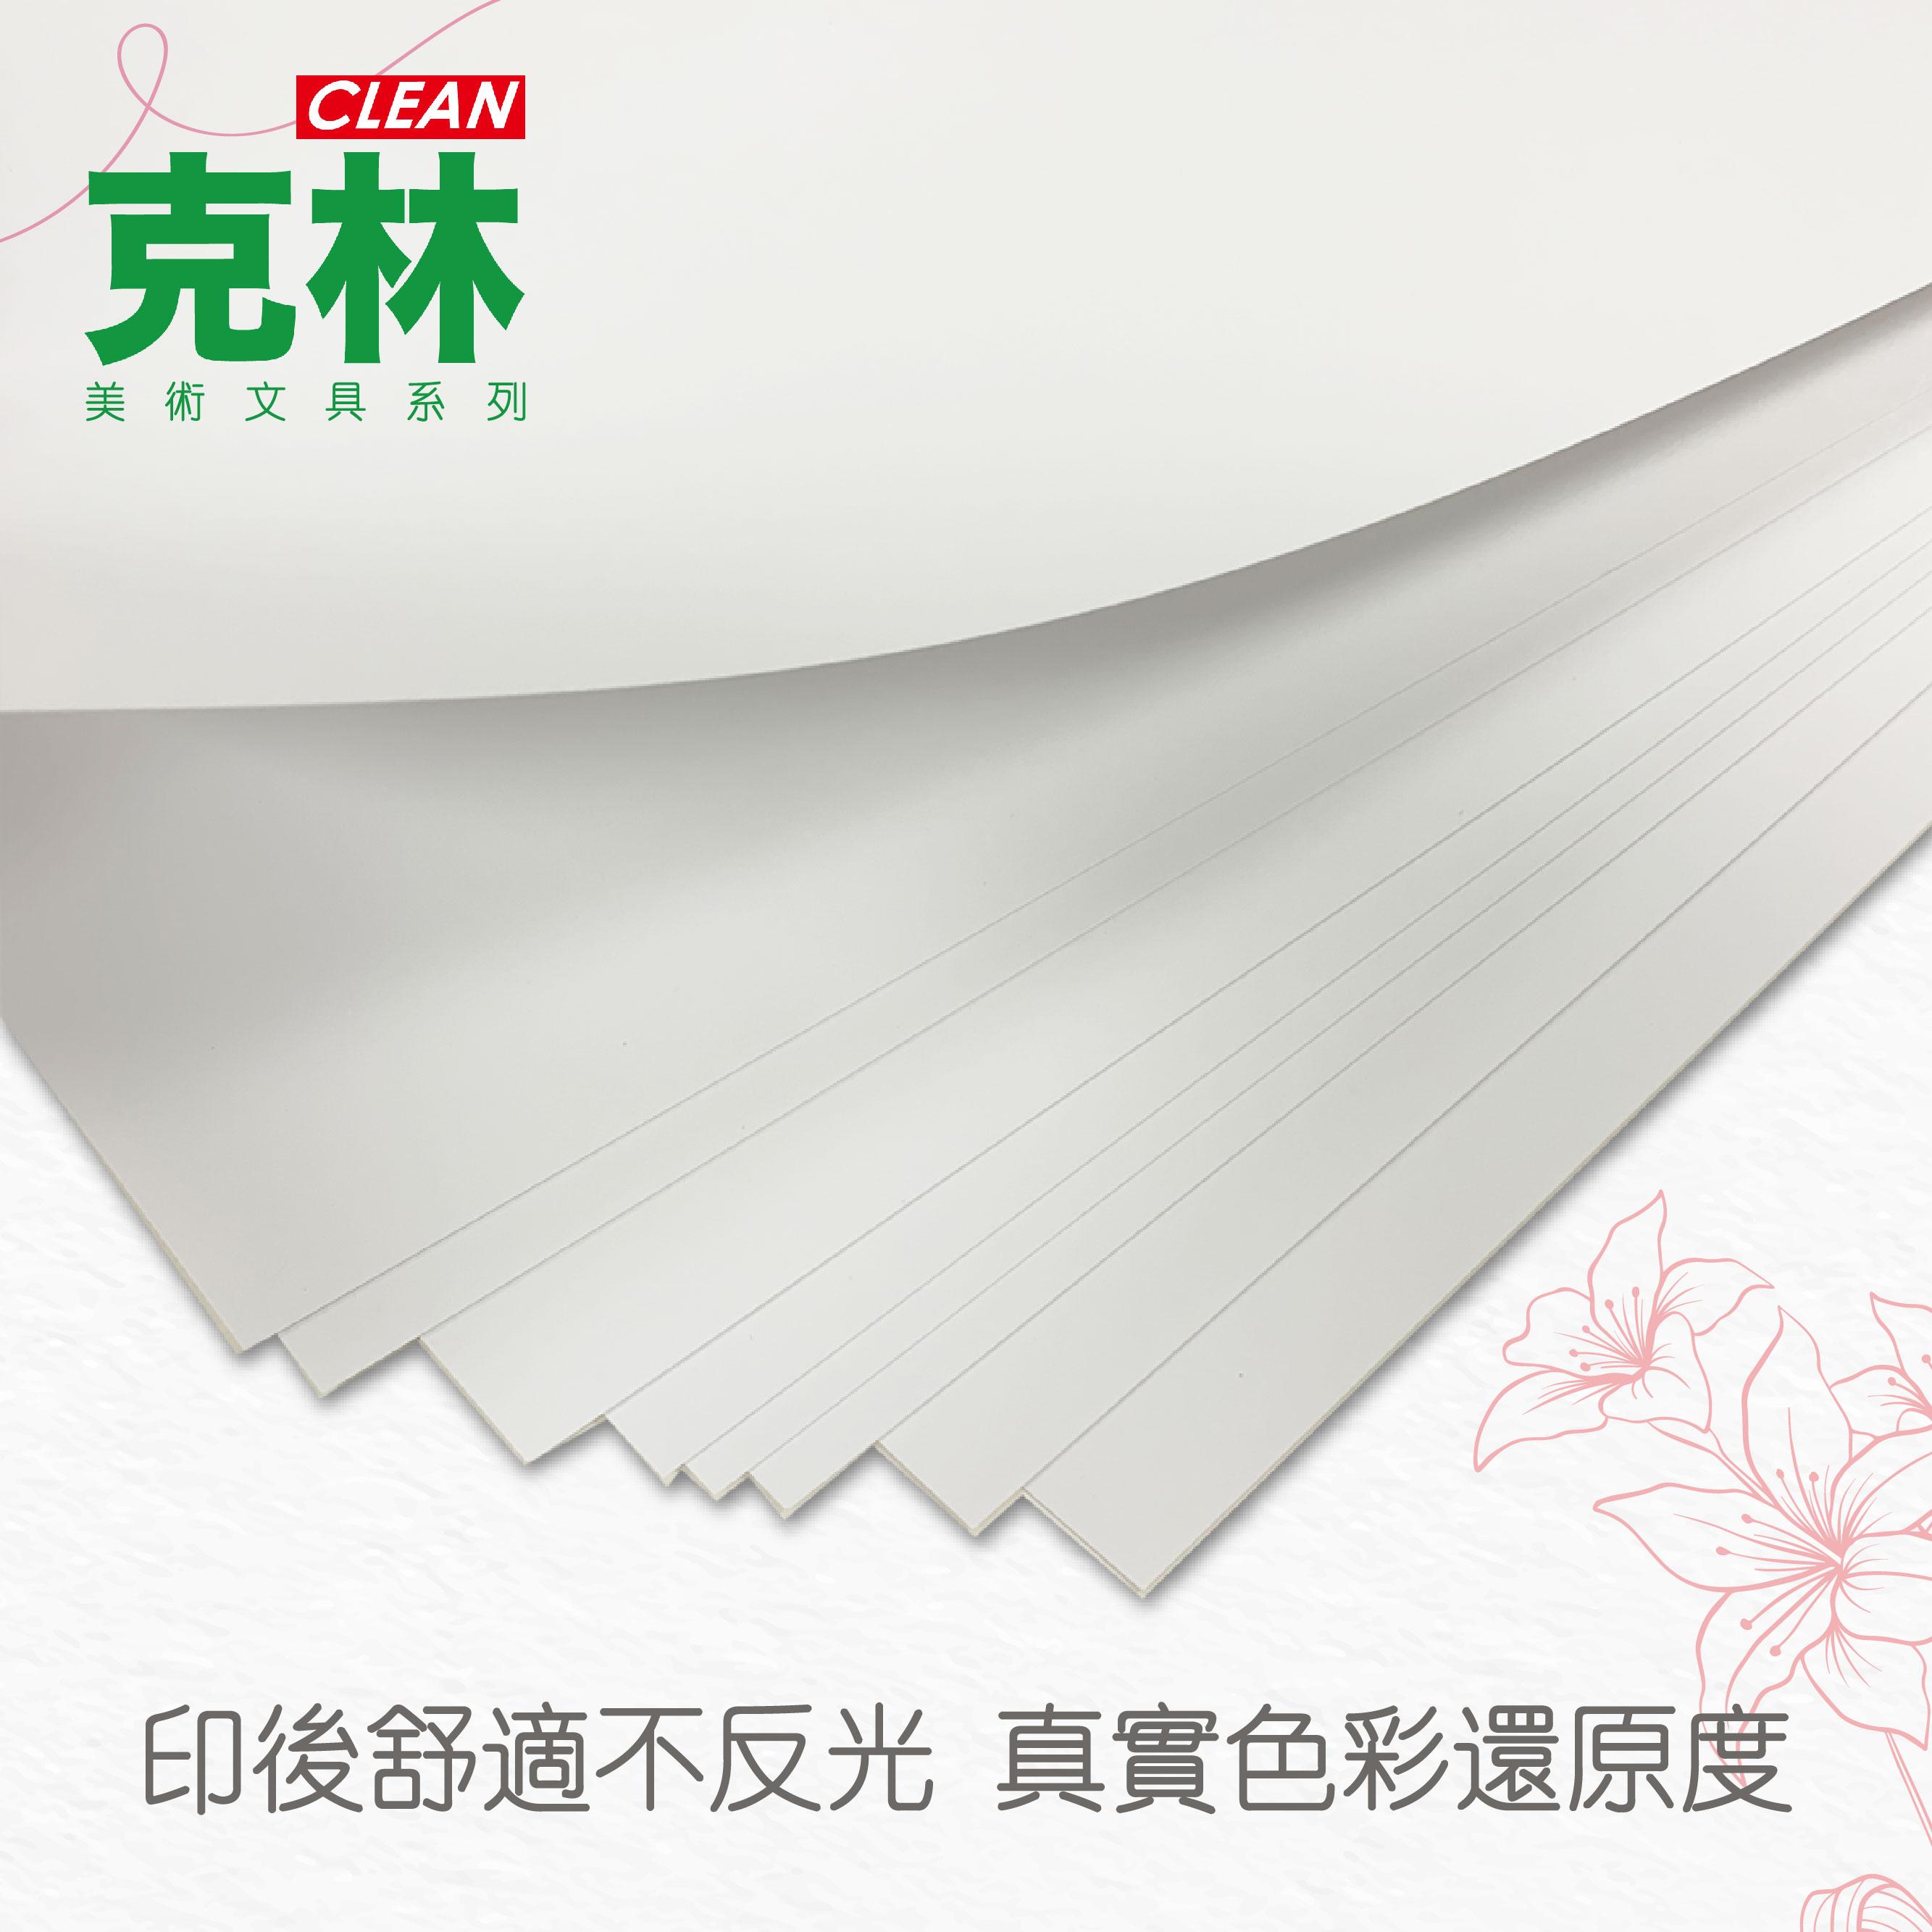 ☞克林CLEAN☜☞現貨☜符合HP INDIGO驗證通過數位印刷專用紙200/300磅 32x46cm 相片紙 婚紗照 白色雪面銅版紙